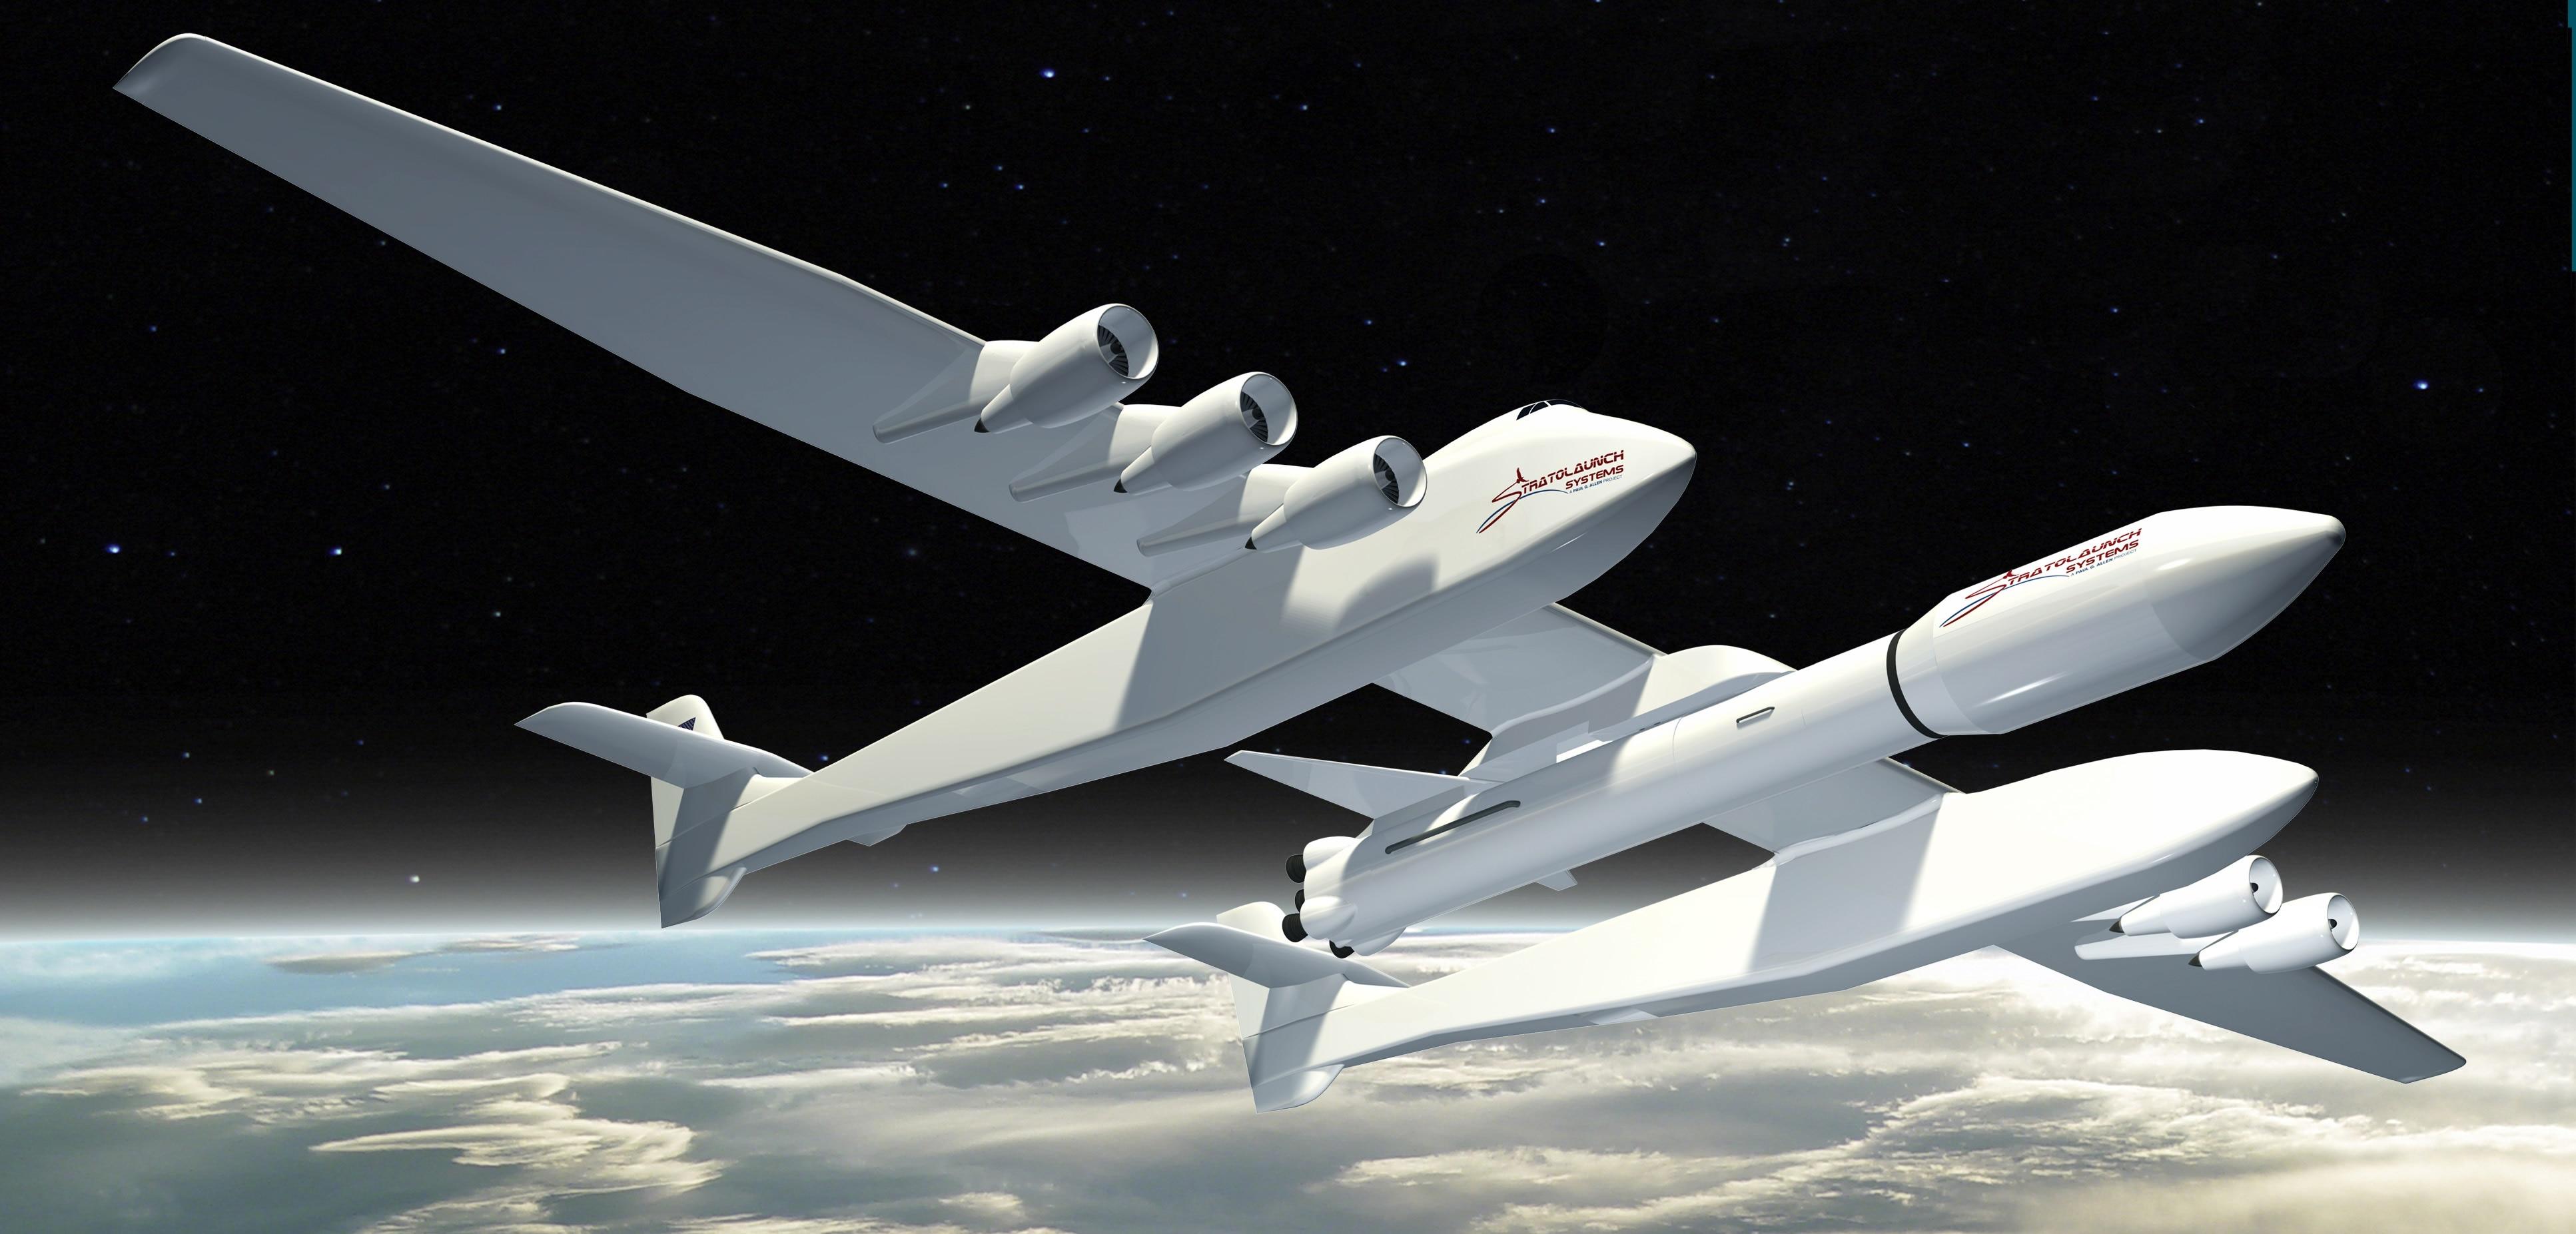 El avión más grande jamás fabricado despegará el próximo año